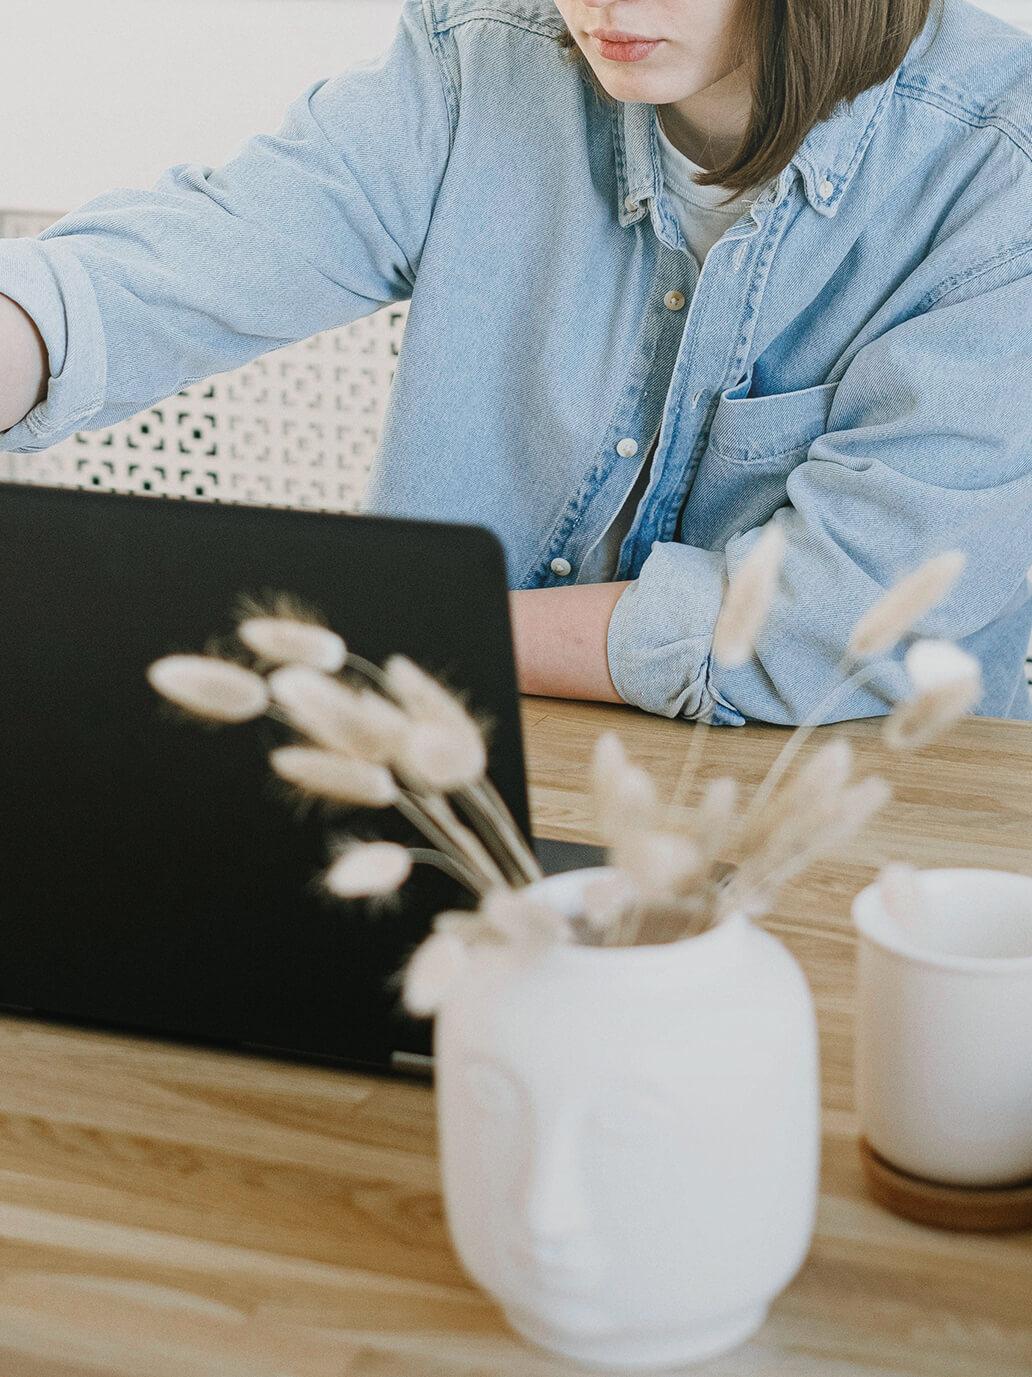 Aplikasi yang membantu untuk blogging, apa saja?